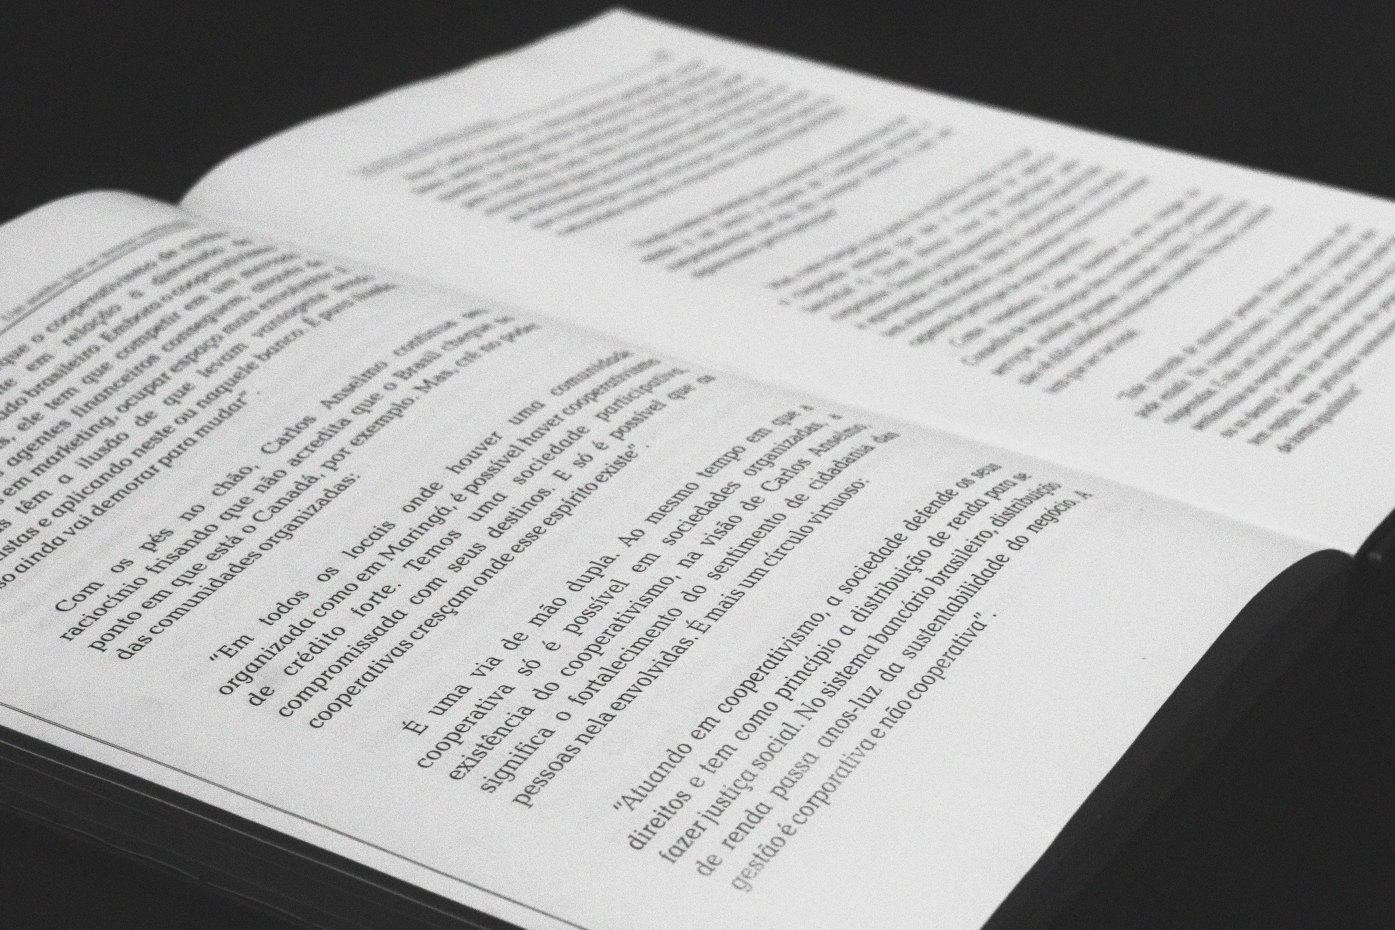 Contrat De Travail Teletravail Legisocial Legisocial